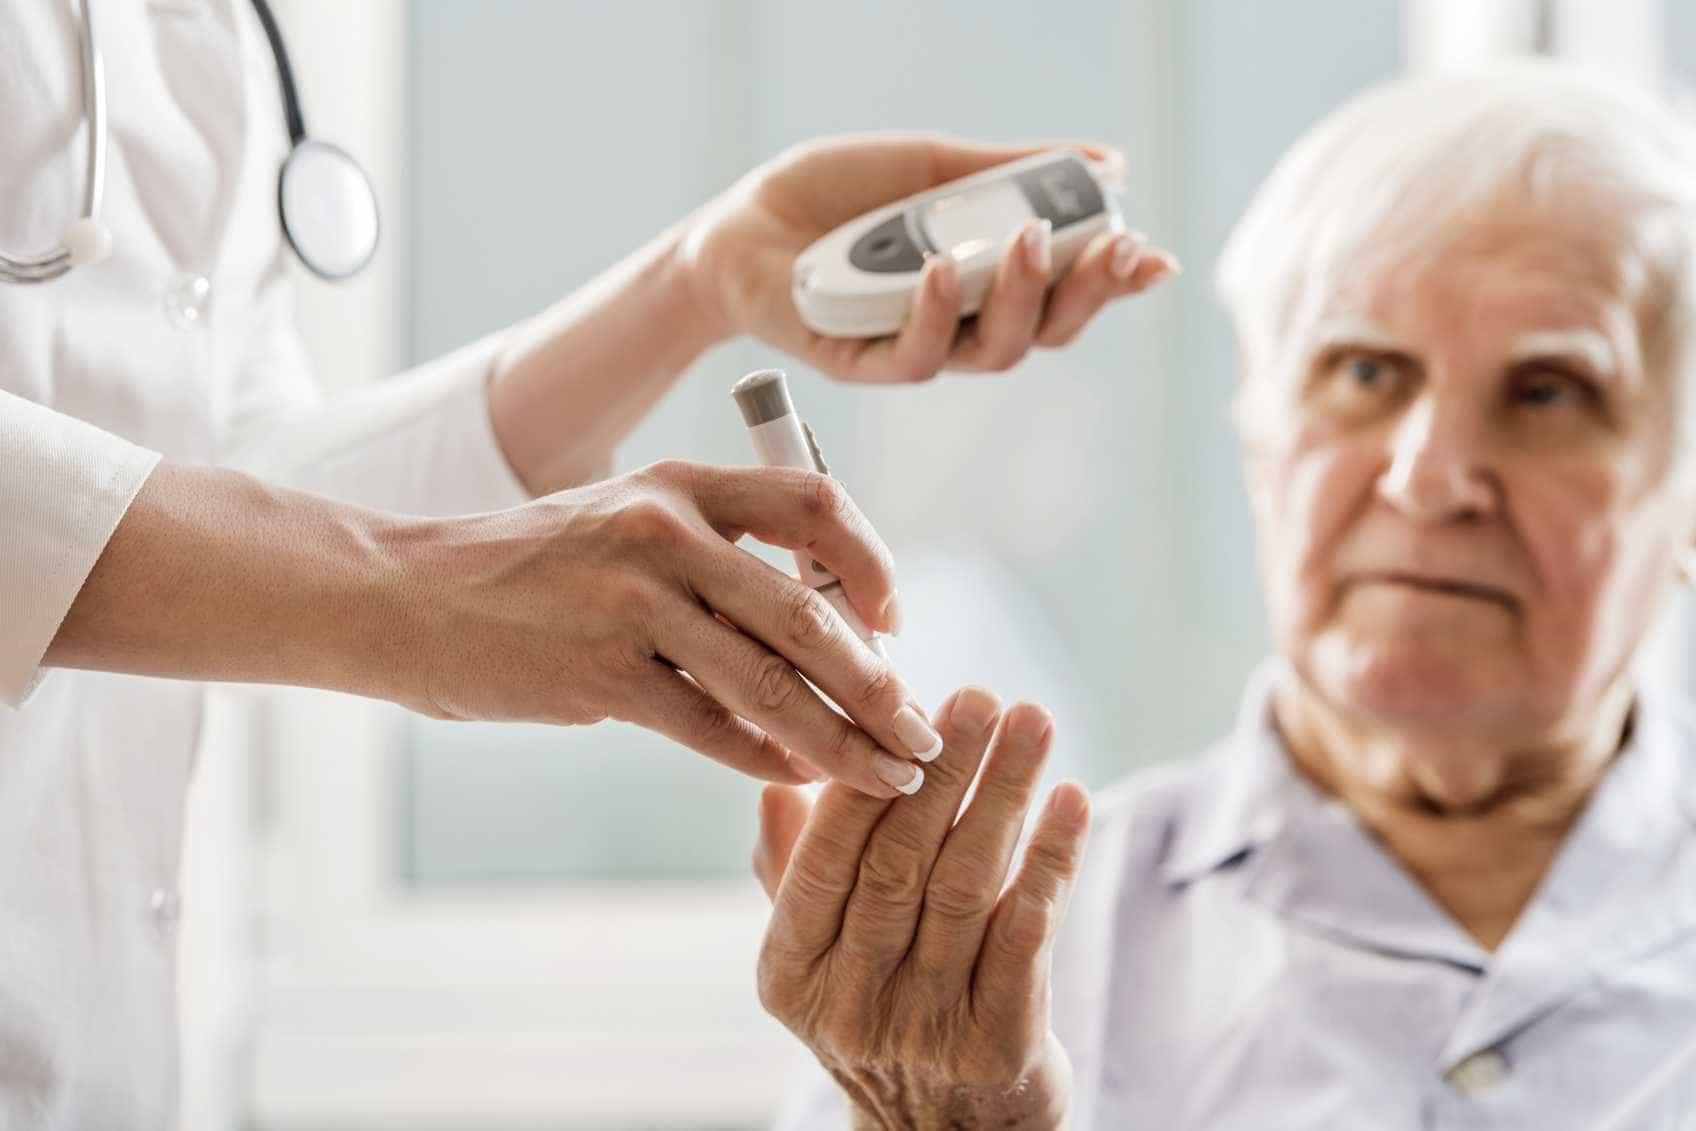 Em SP; 78% dos médicos recém-formados erram diagnóstico de diabete